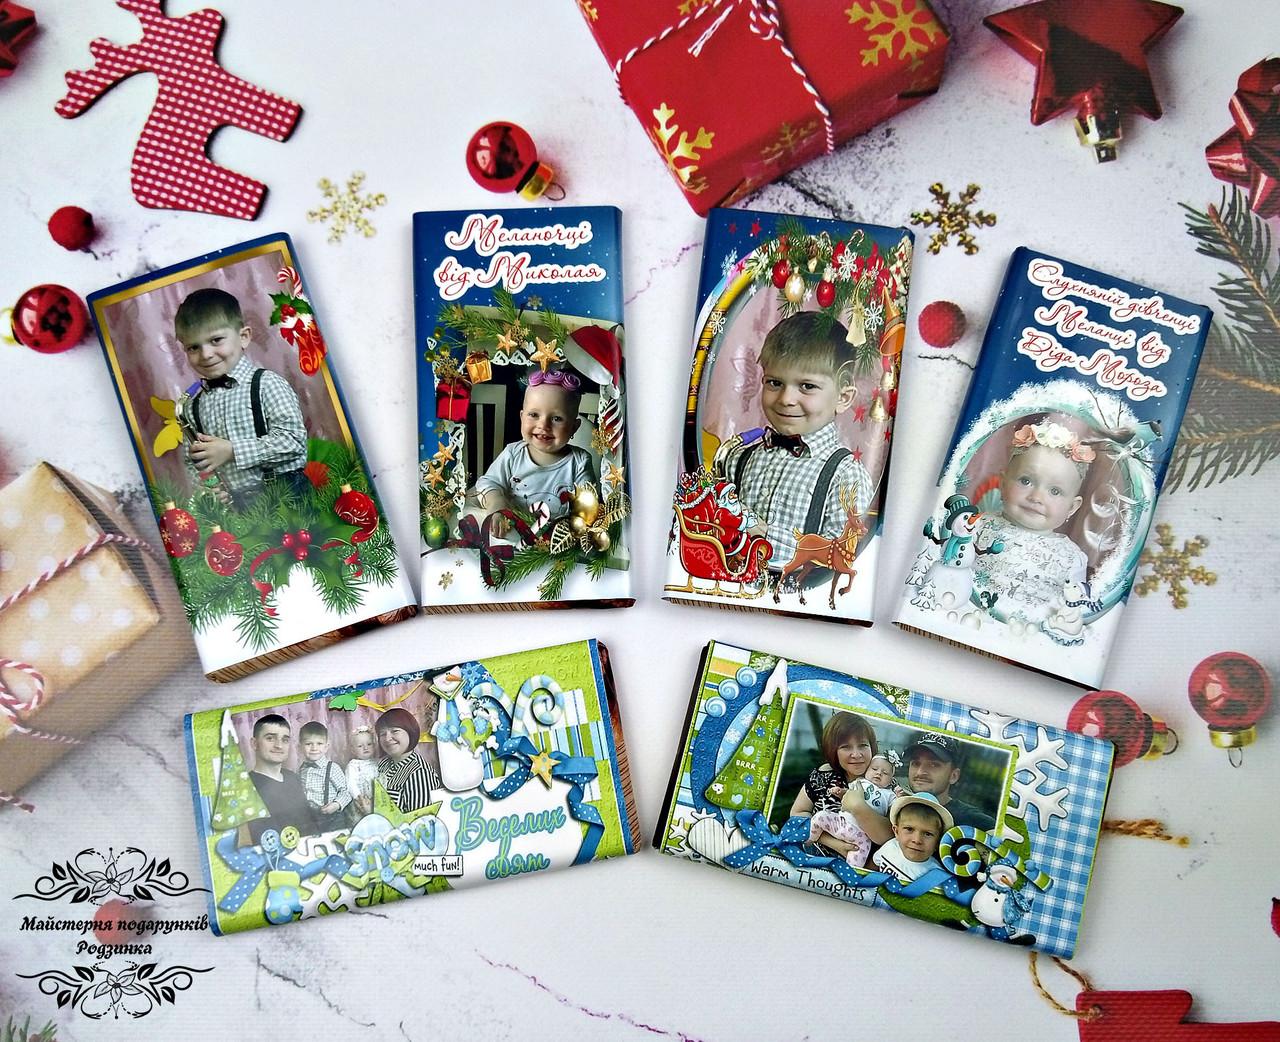 Новорічний шоколад з вашим фото на Новий рік, Миколая. Подарунок від Миколая, Діда Мороза